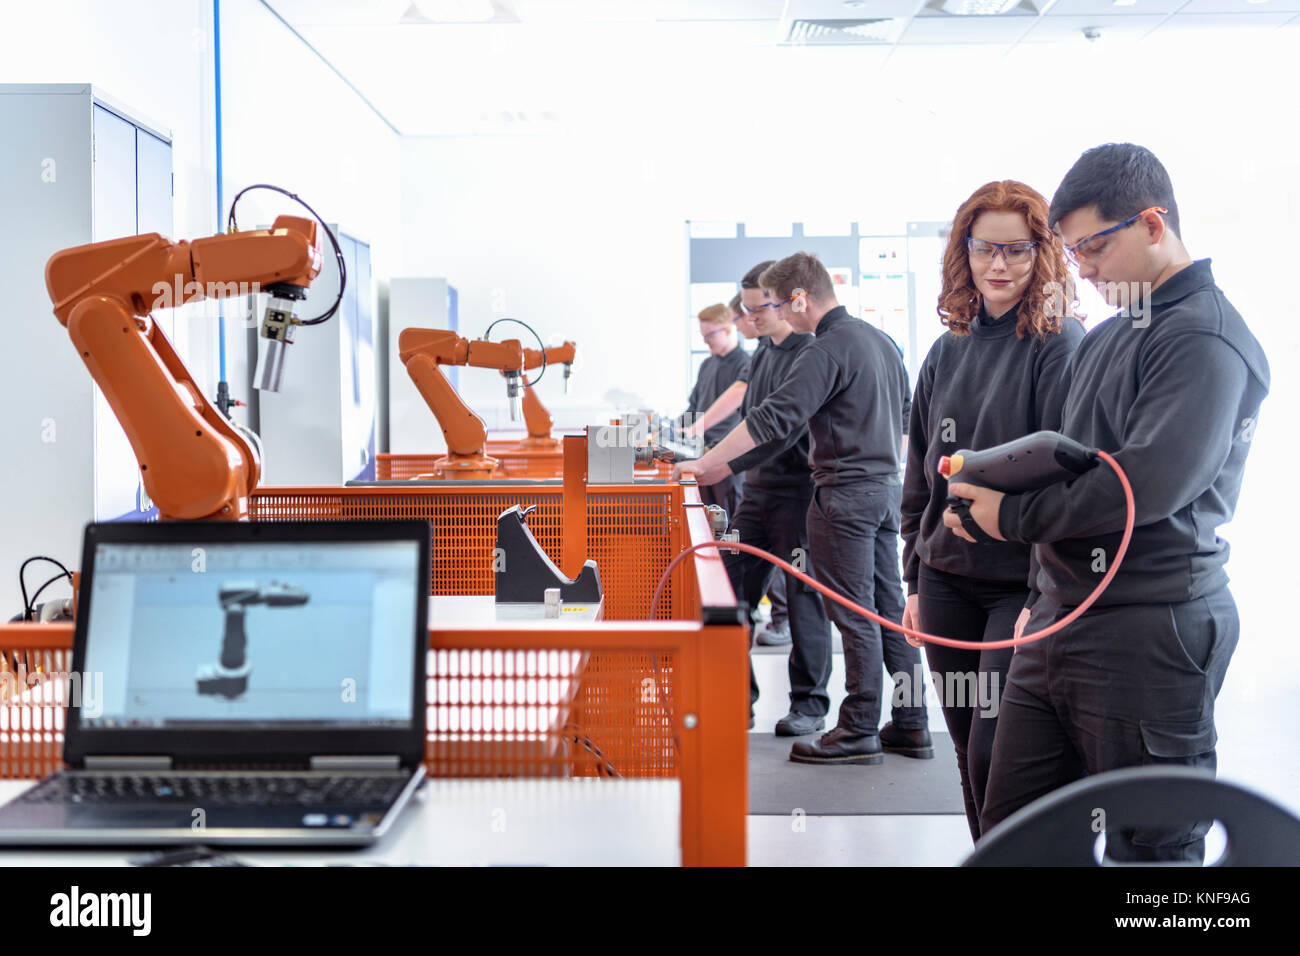 Robotik Lehrlinge mit test Industrieroboter in der Robotik facility Stockbild